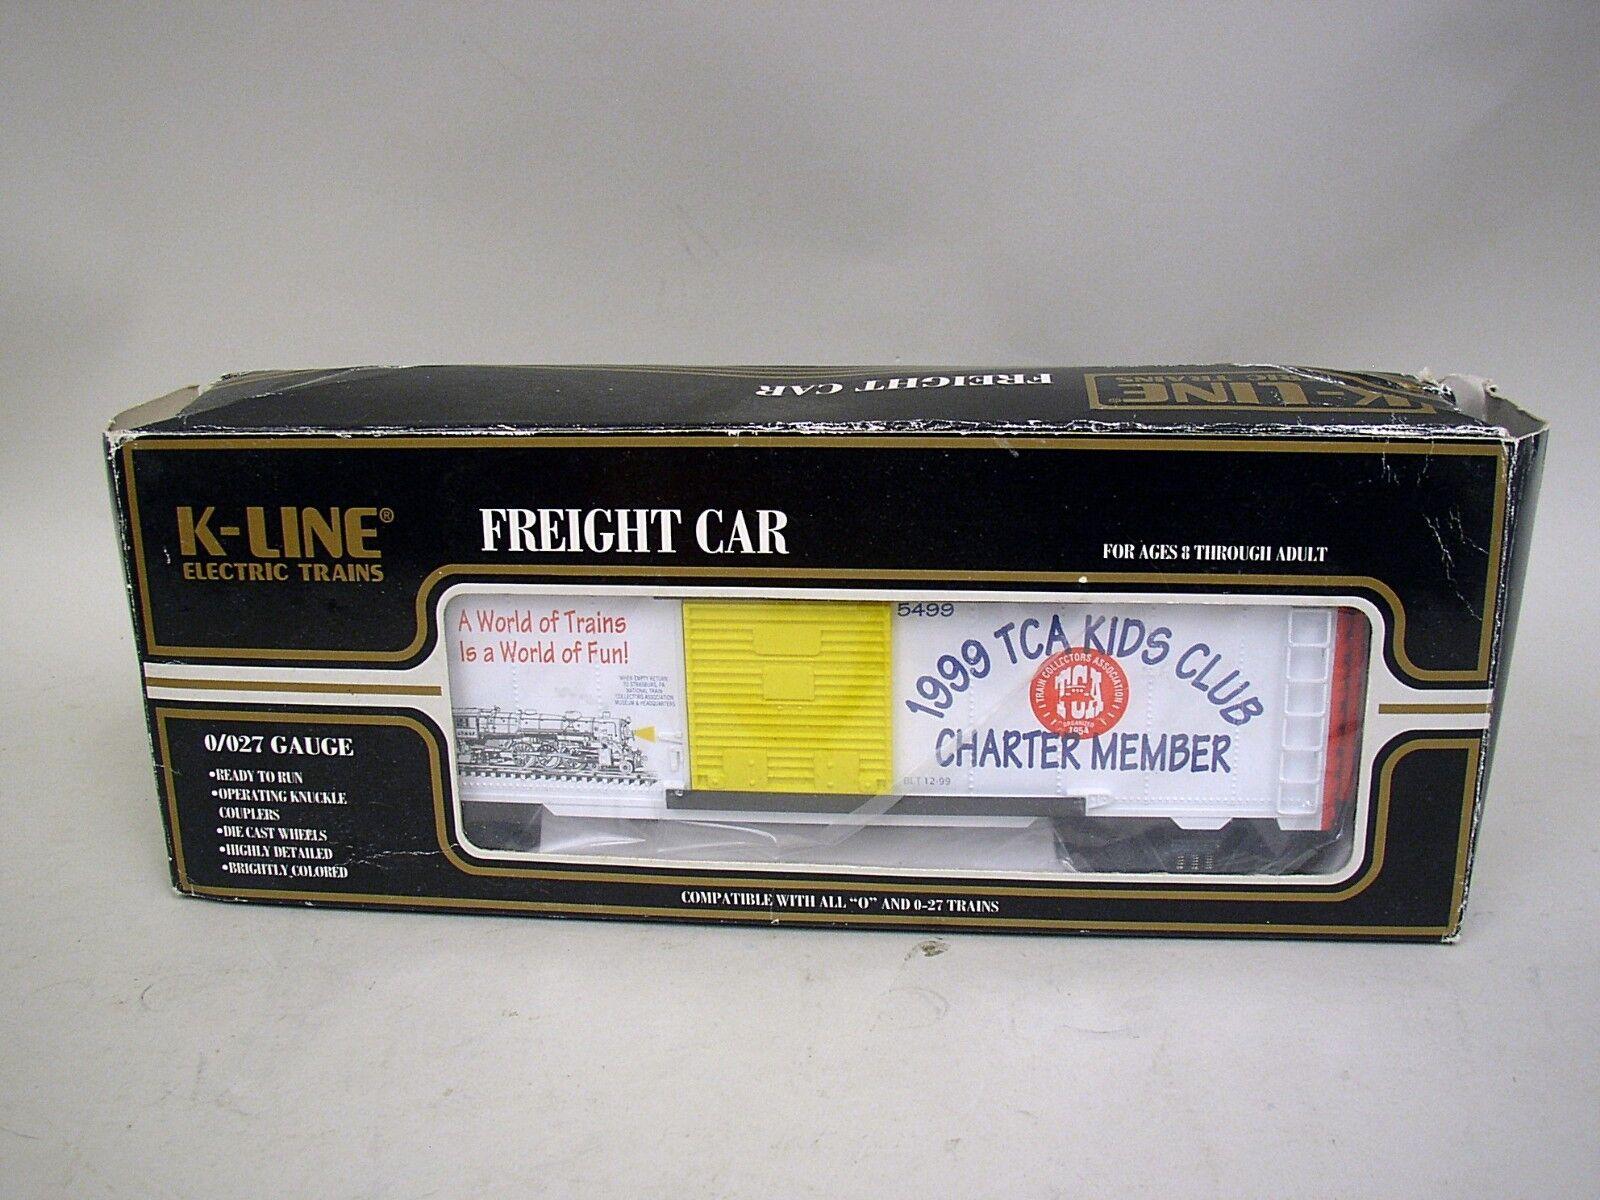 K-Line 1999 TCA Charter Memership Kid's Club Car NRFB - 0 027 Guage